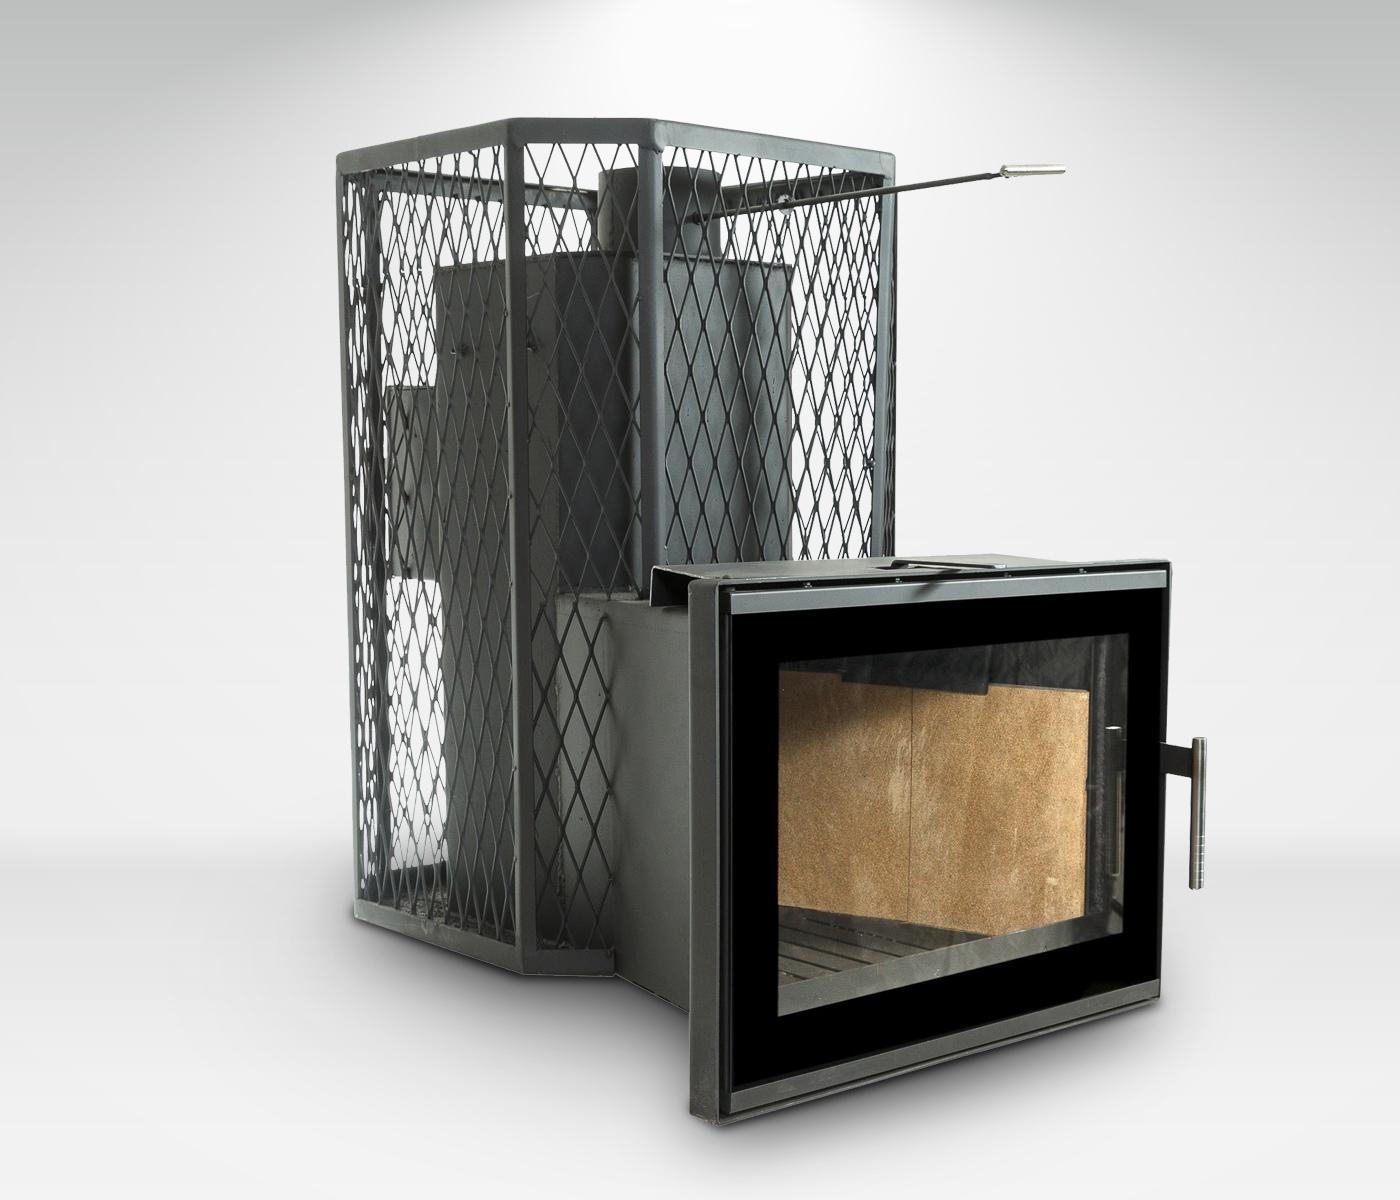 Pirts krāsns Gaiziņš 20/30m³ Plazma ar tvaika ģeneratoru